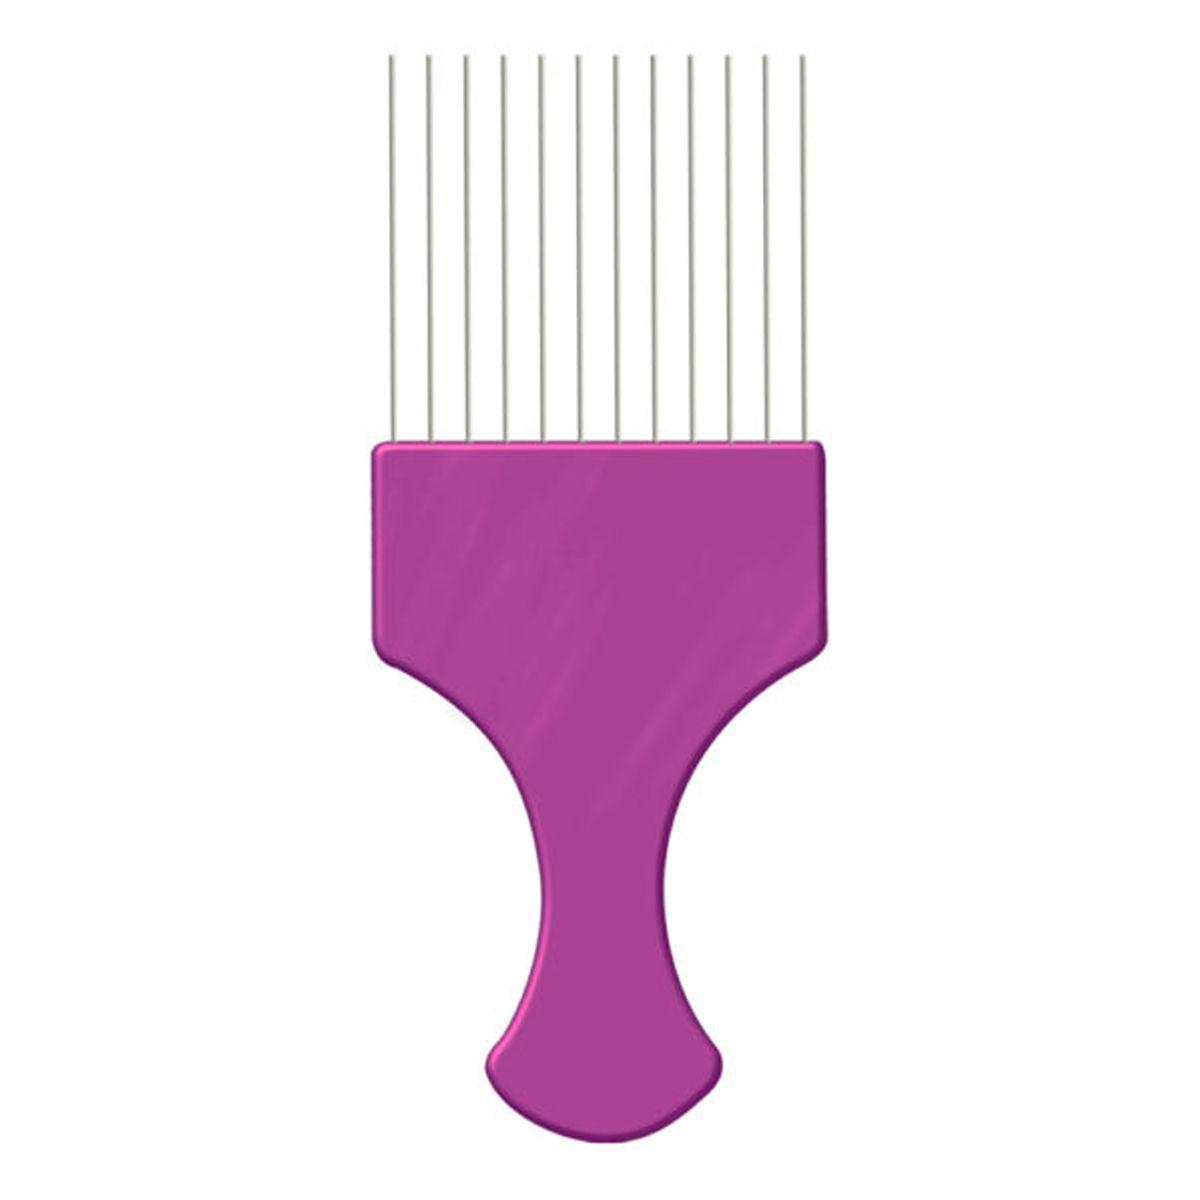 Pente Afro com Dente de Aço - Pink - Pente Garfo